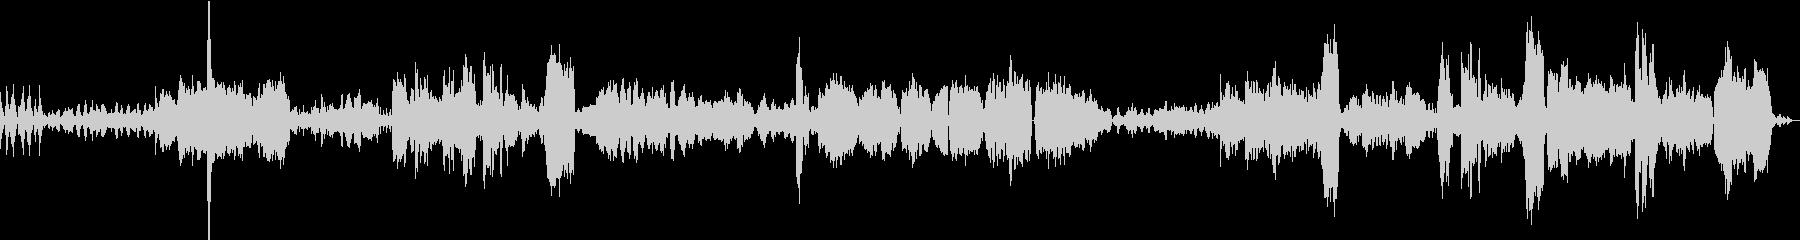 バルトークの曲のクラシックアレンジの未再生の波形